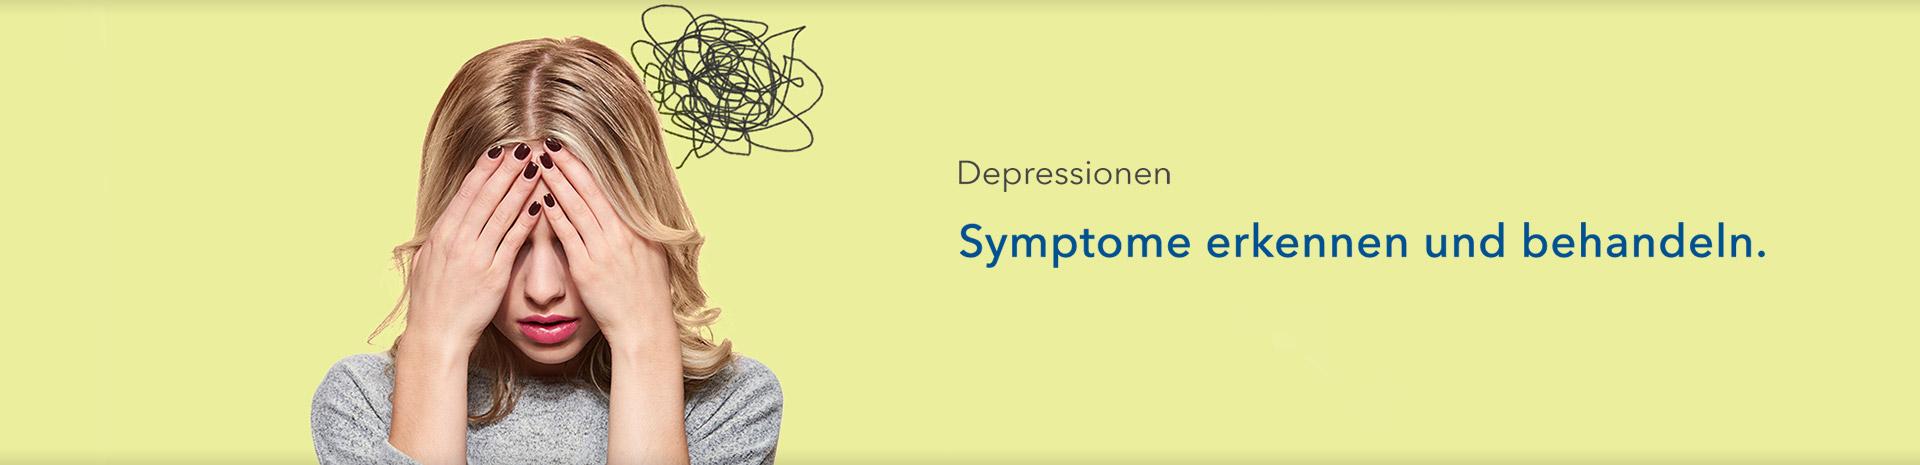 Depressionen – Symptome erkennen und behandeln